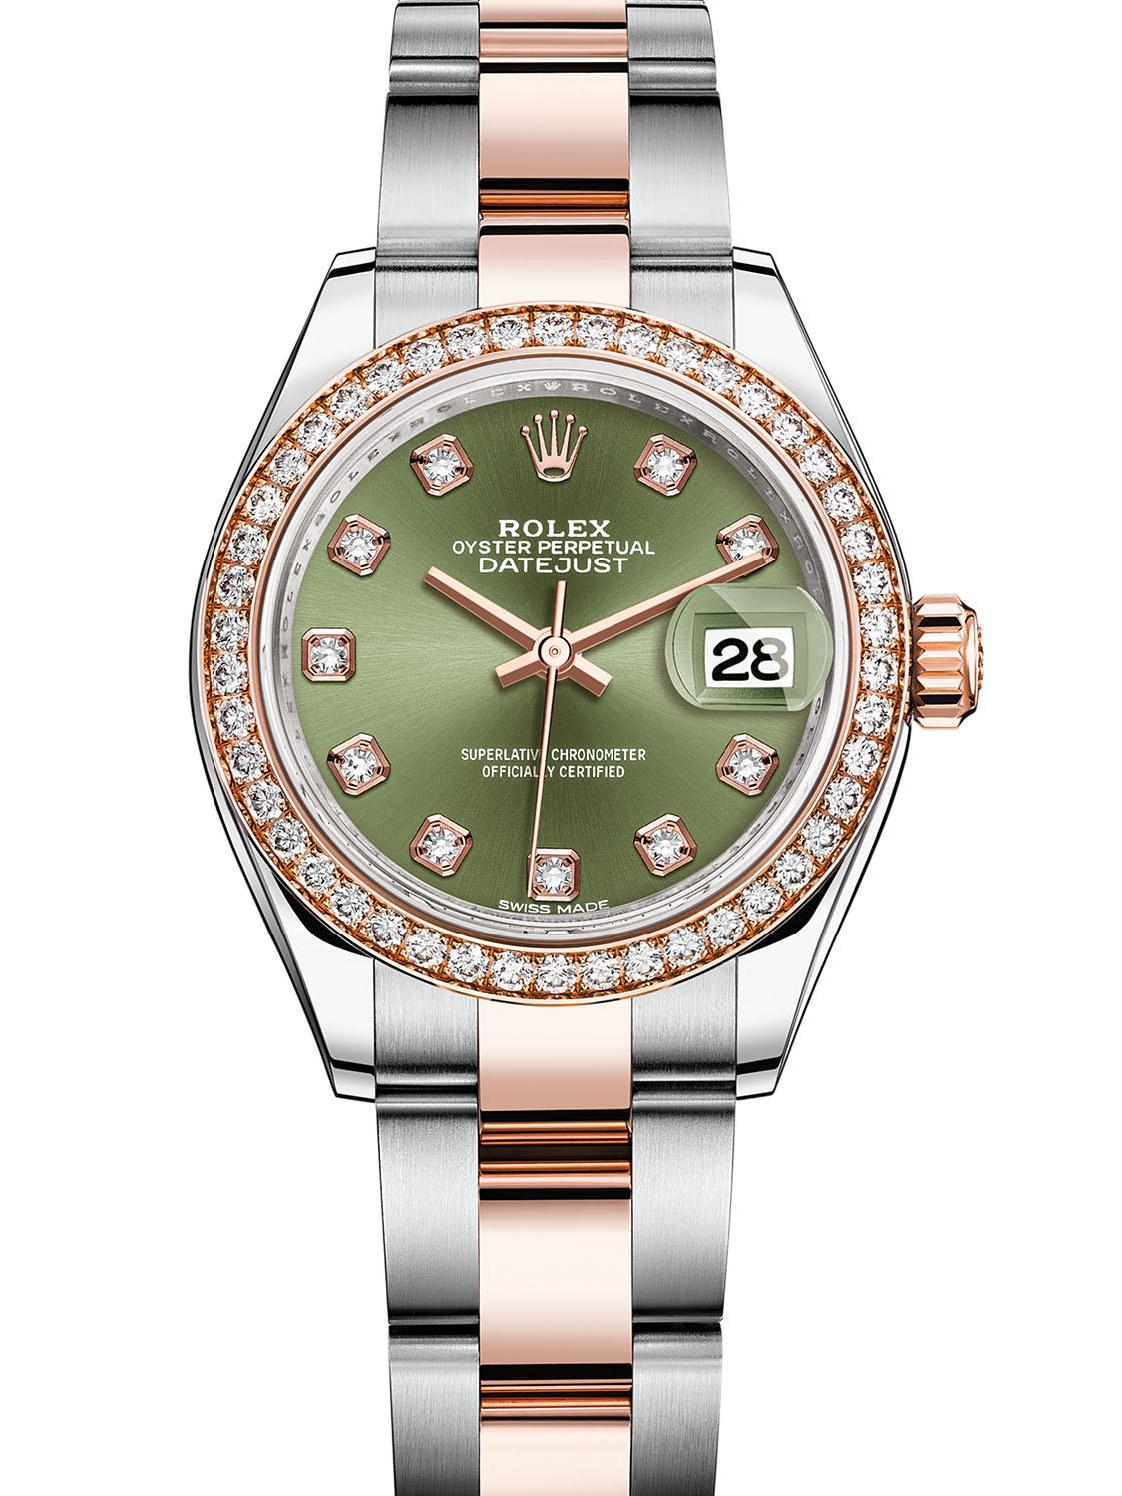 劳力士女装日志型28玫瑰金钢钻圈绿面钻标女表279381RBR-0008